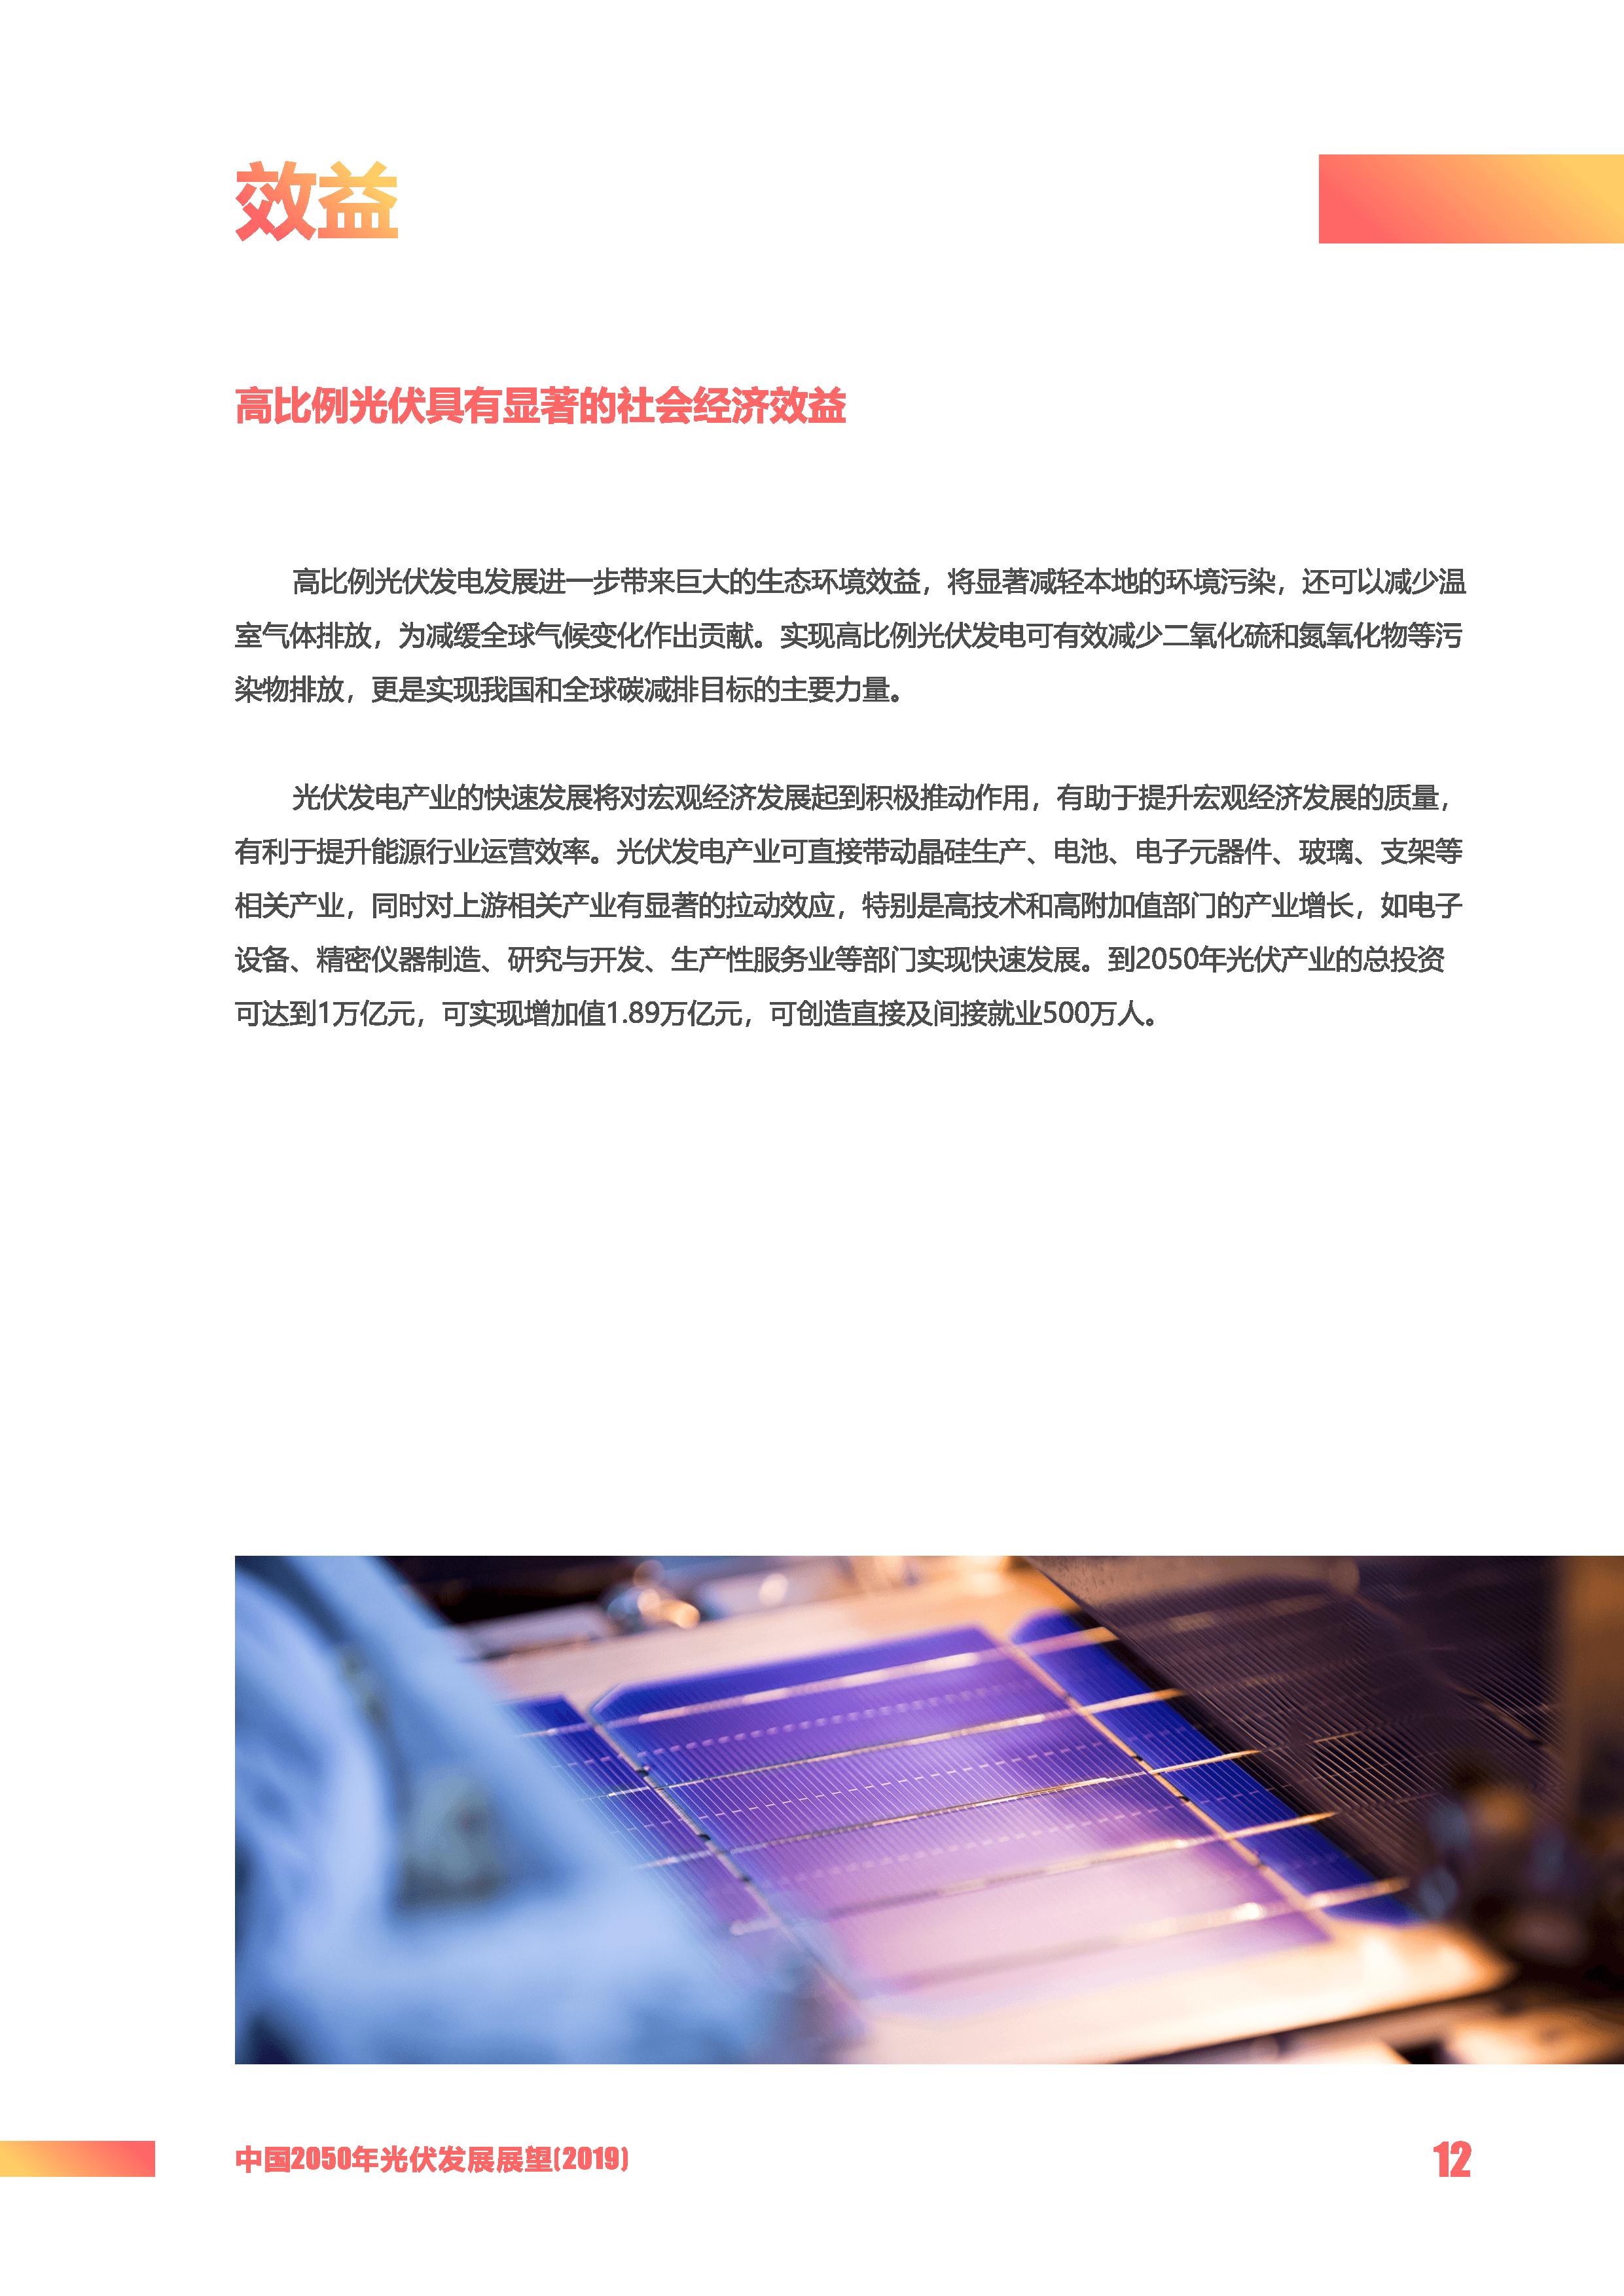 中国2050年光伏发展展望-2019_页面_15